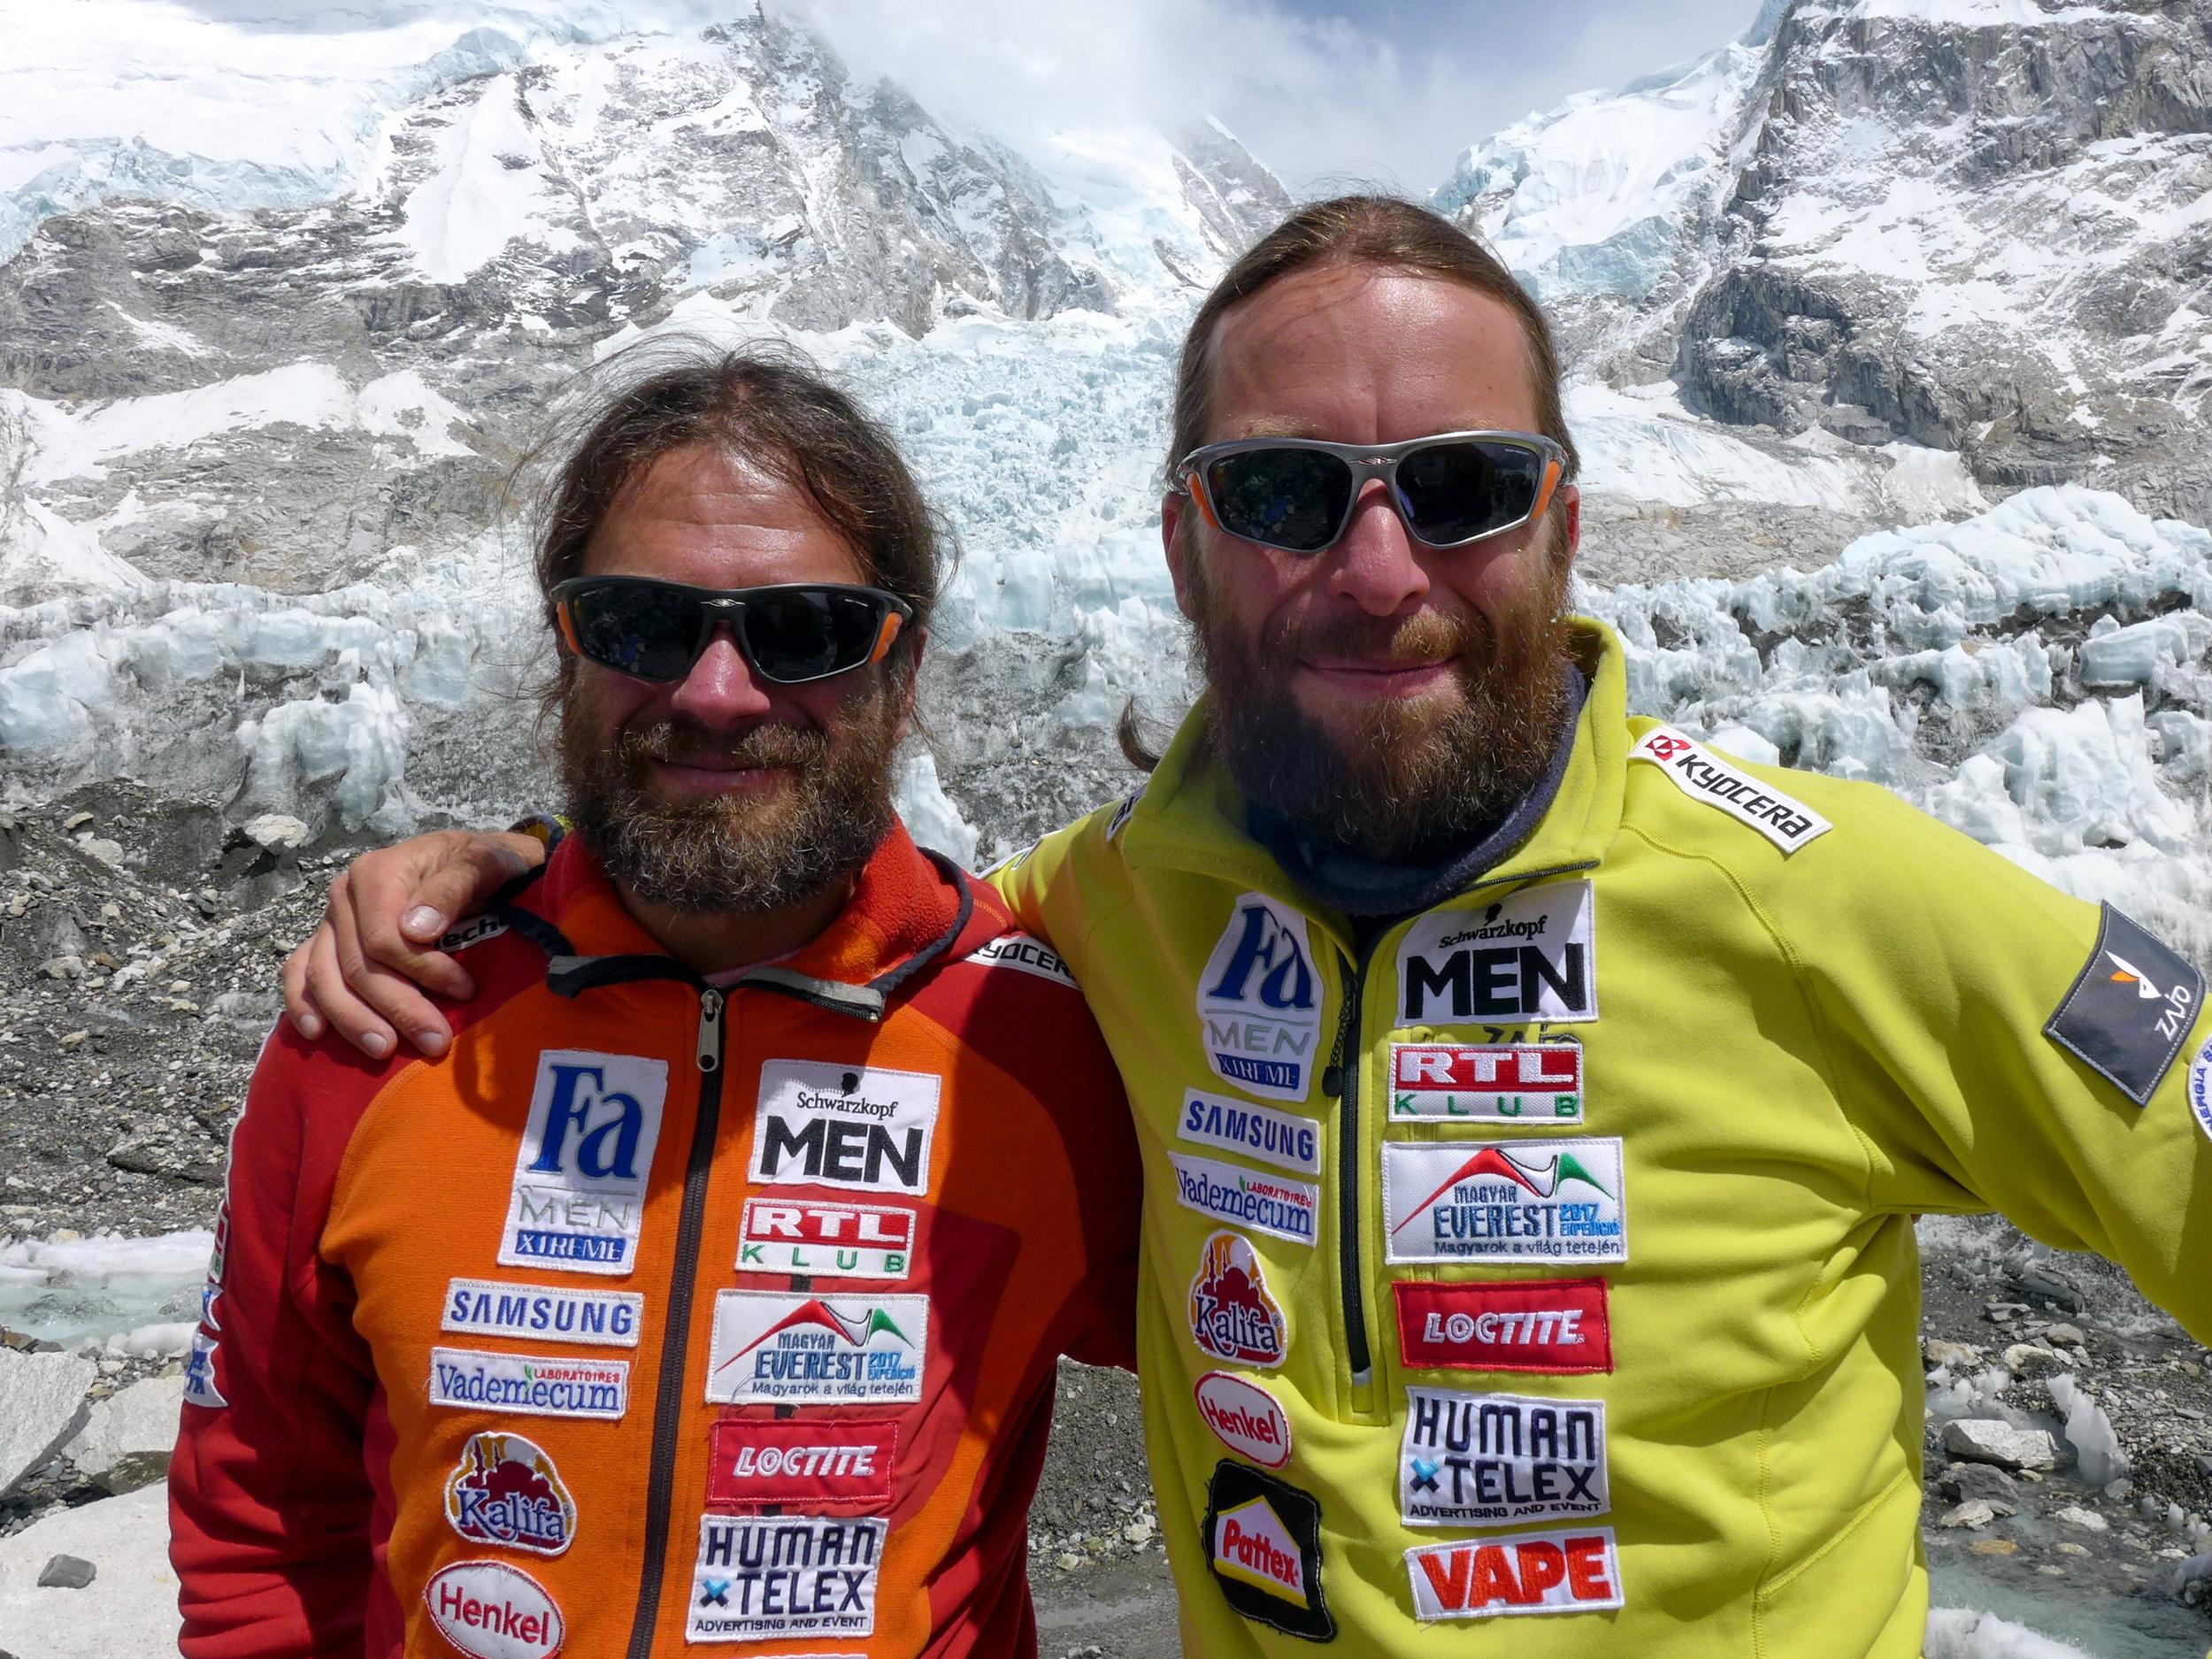 Klein Dávid és Suhajda Szilárd Forrás: Magyar Everest Expedíció 2017